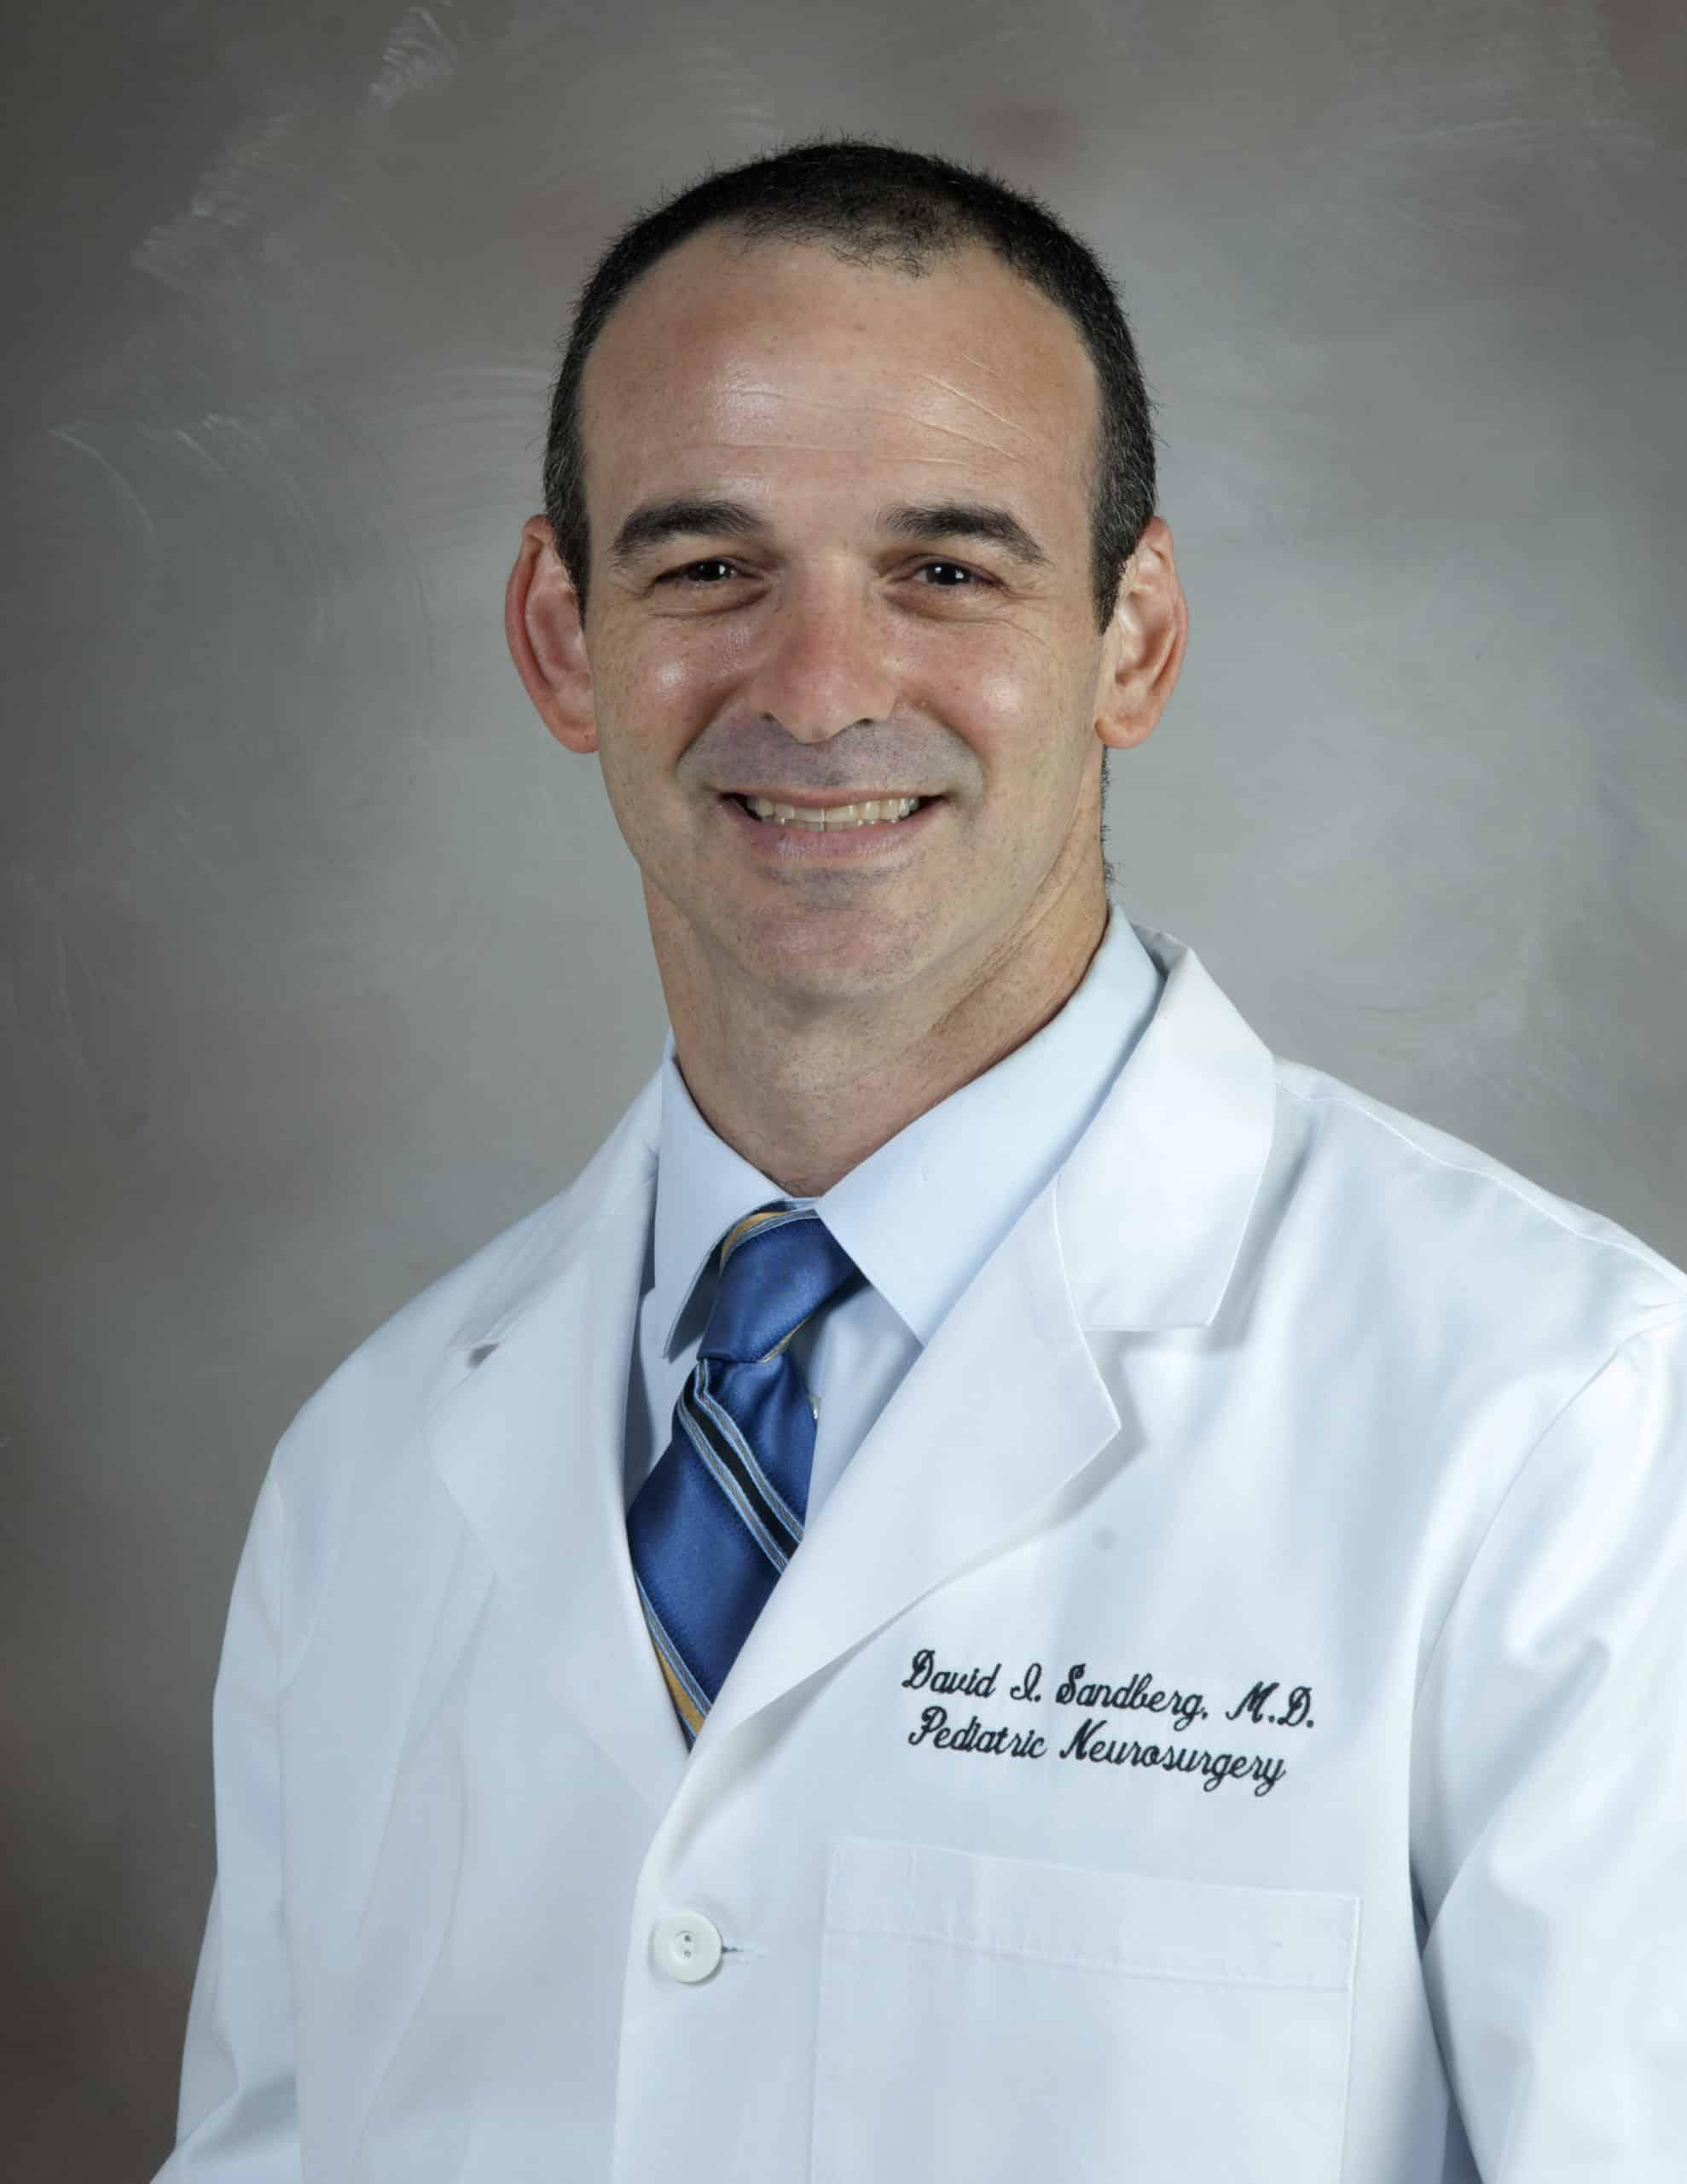 David I. Sandberg  Doctor in Houston, Texas